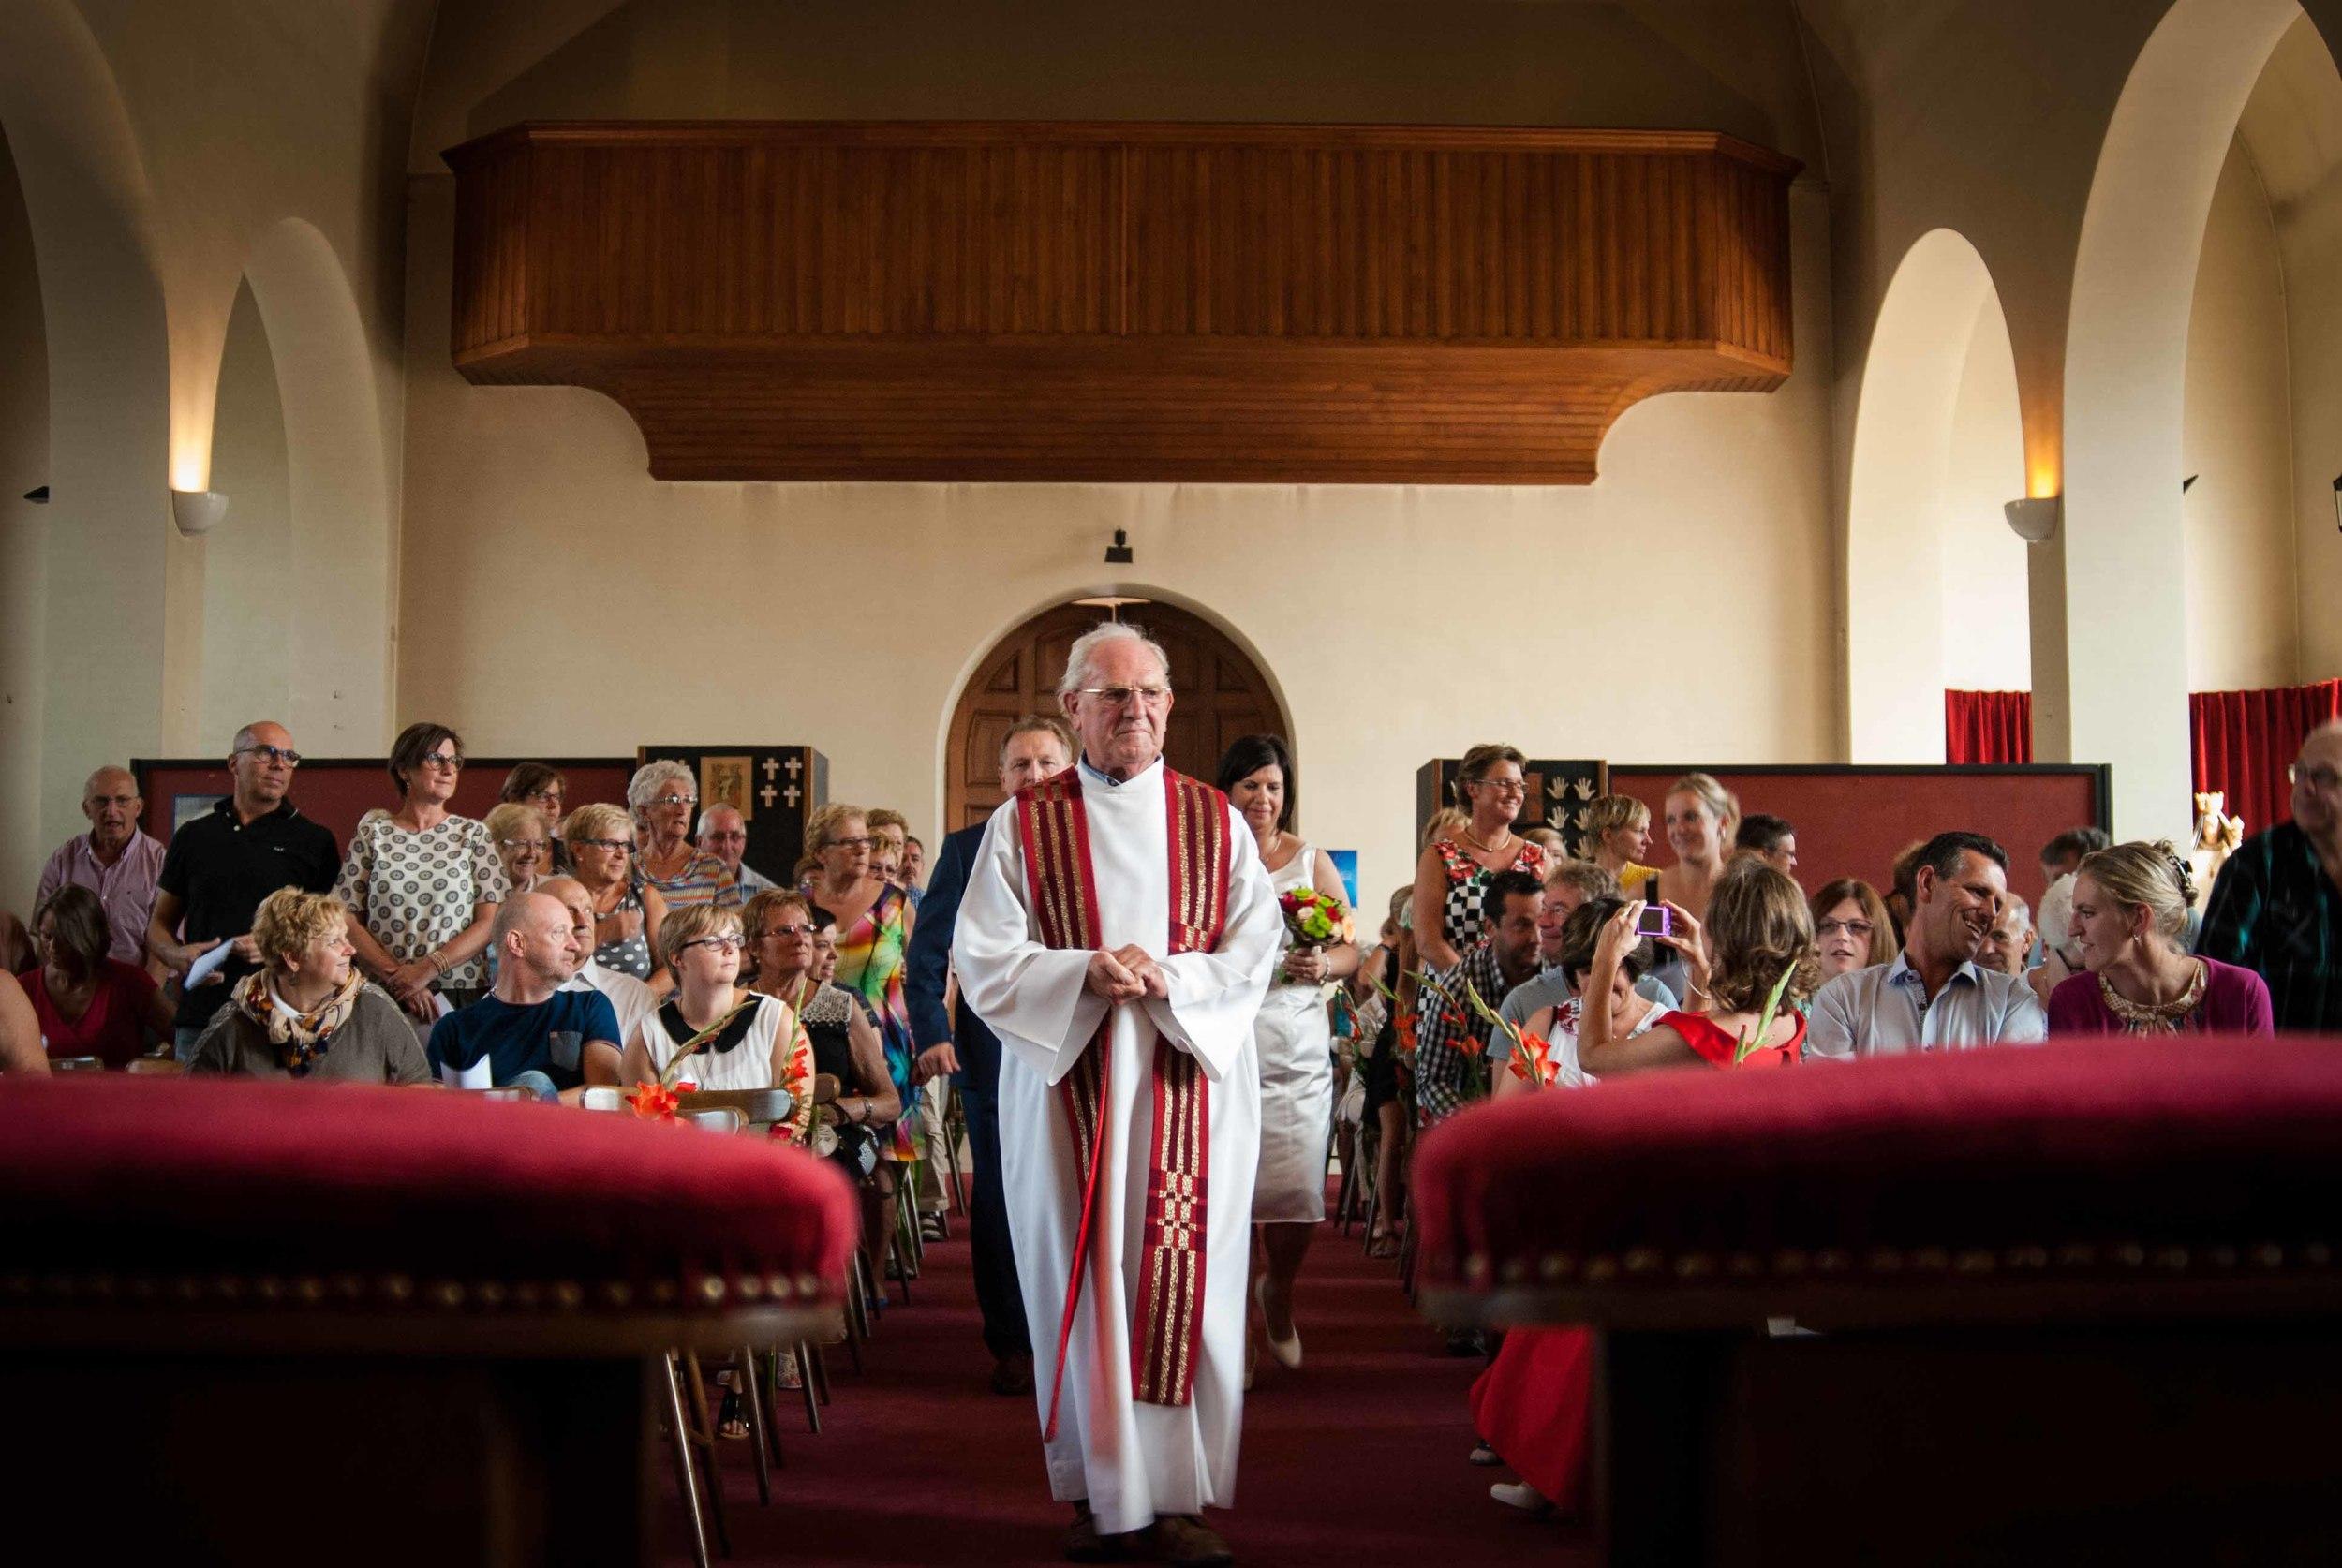 Viewfinder_huwelijksfotografie_huwelijksreportage_7_snelle_tips_kerk_priester_intrede.jpg